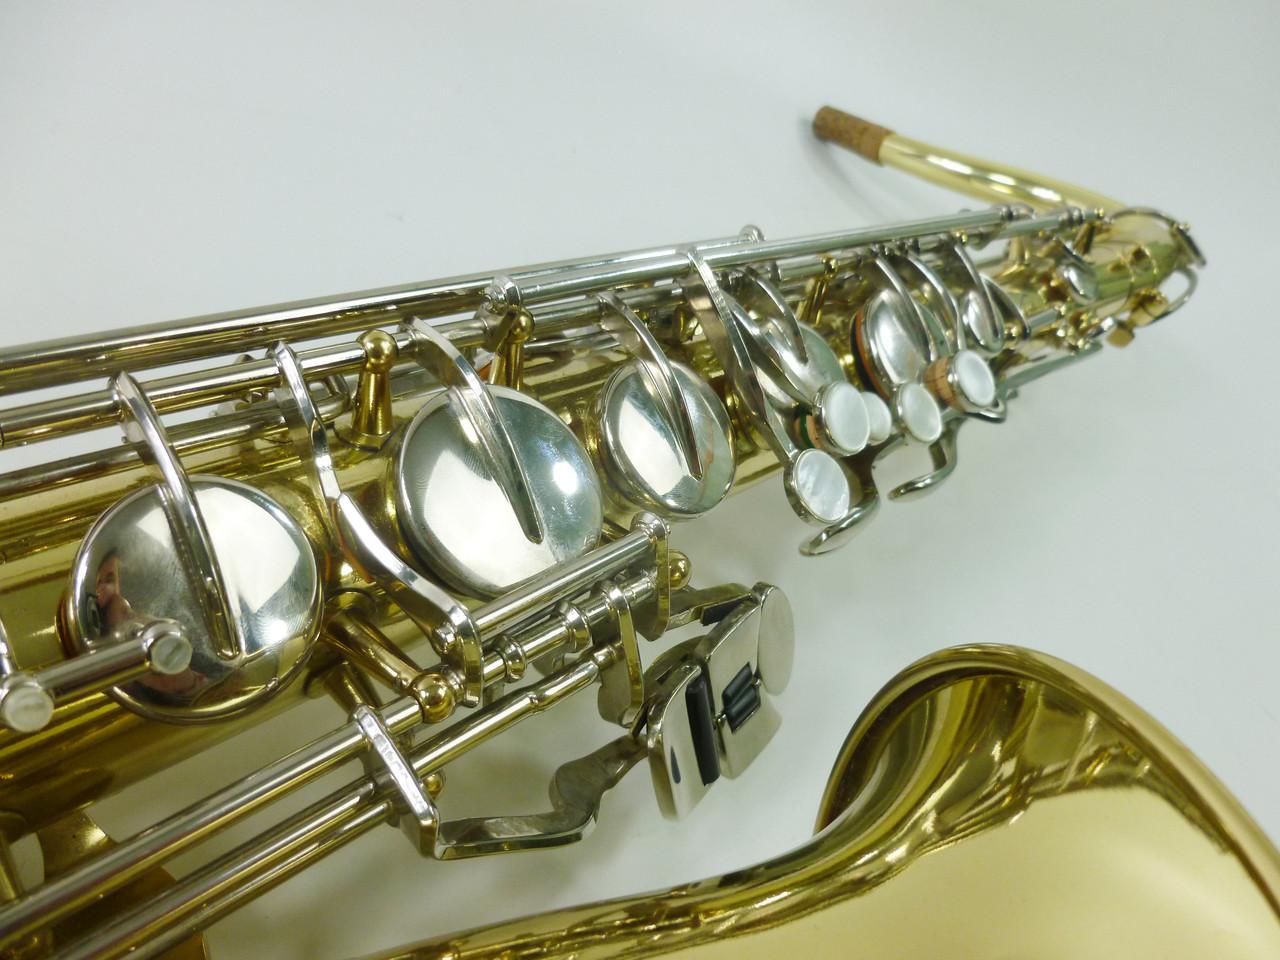 Selmer Bundy II Tenor Saxophone - Refurbished 4